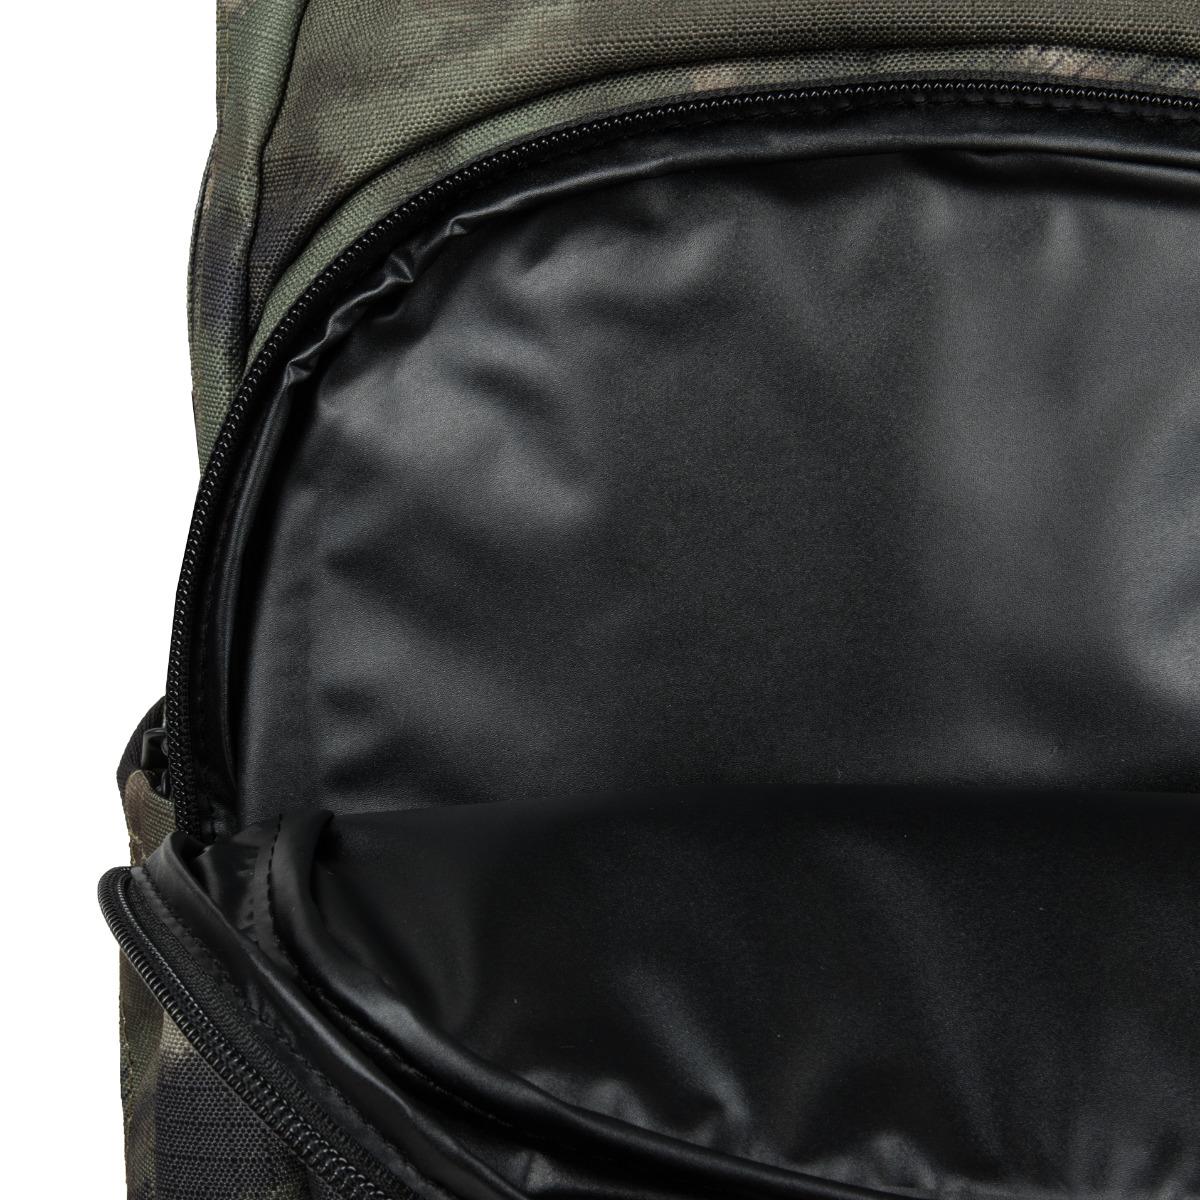 Dakine Campus M 25L Olive Ashcroft Camo.  čalúnený oddiel na 15'' notebook chladiace vrecko na prednej strane batoha predné vrecko s organizérom vrecko s fleecovou podšívkou na slnečné okuliare malé vrecko na prednom paneli s rýchlym prístupom bočné vrecká na fľašu alebo dáždnik nastaviteľný hrudný popruh ergonomicky tvarovaný chrbtový panel a ramenné popruhy spevnené dno